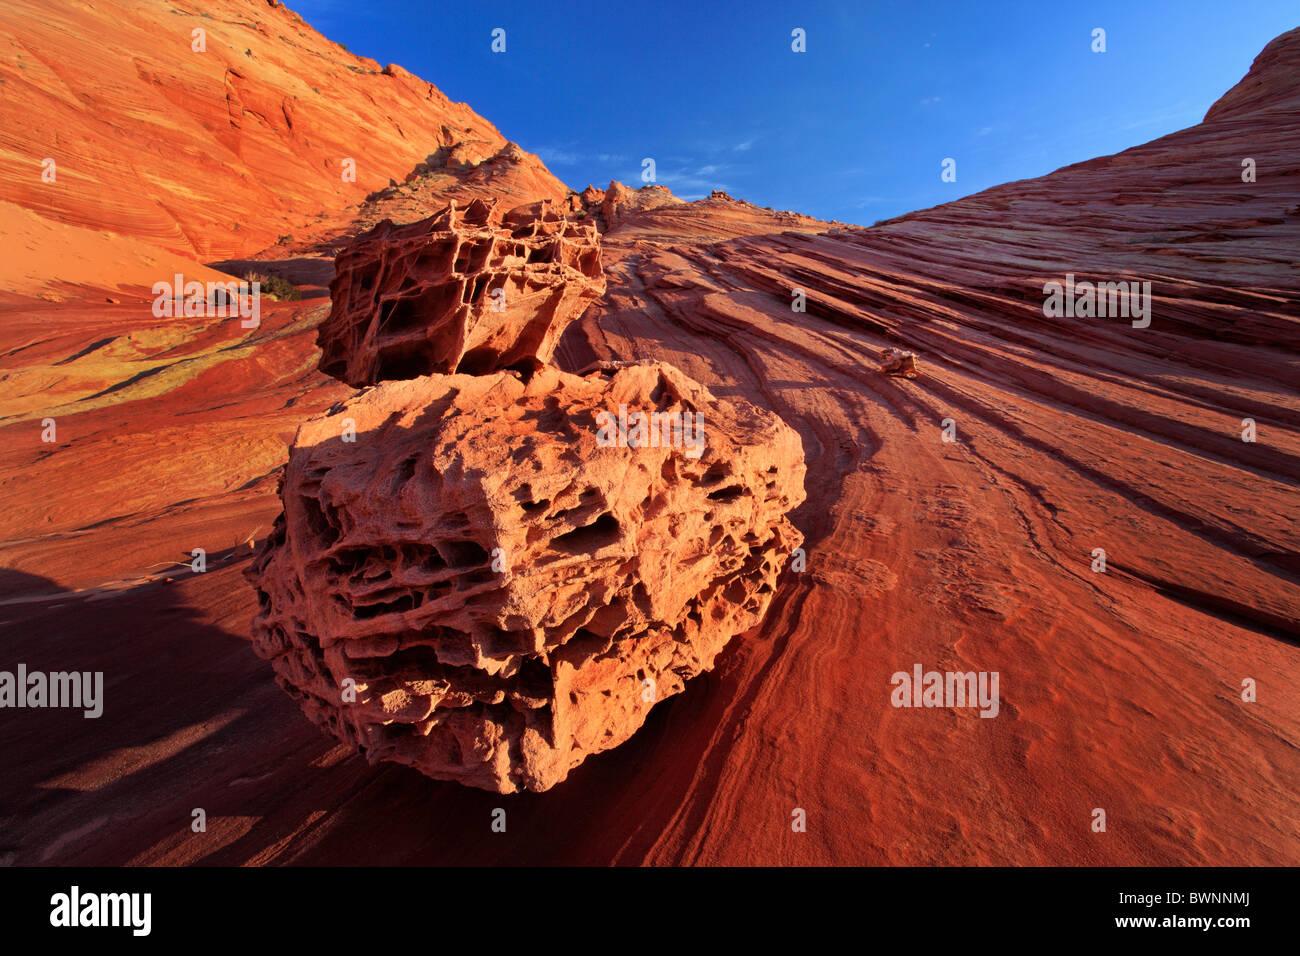 """Felsformationen im Bereich """"Boneyard"""" von Vermilion Cliffs National Monument, Arizona Stockbild"""